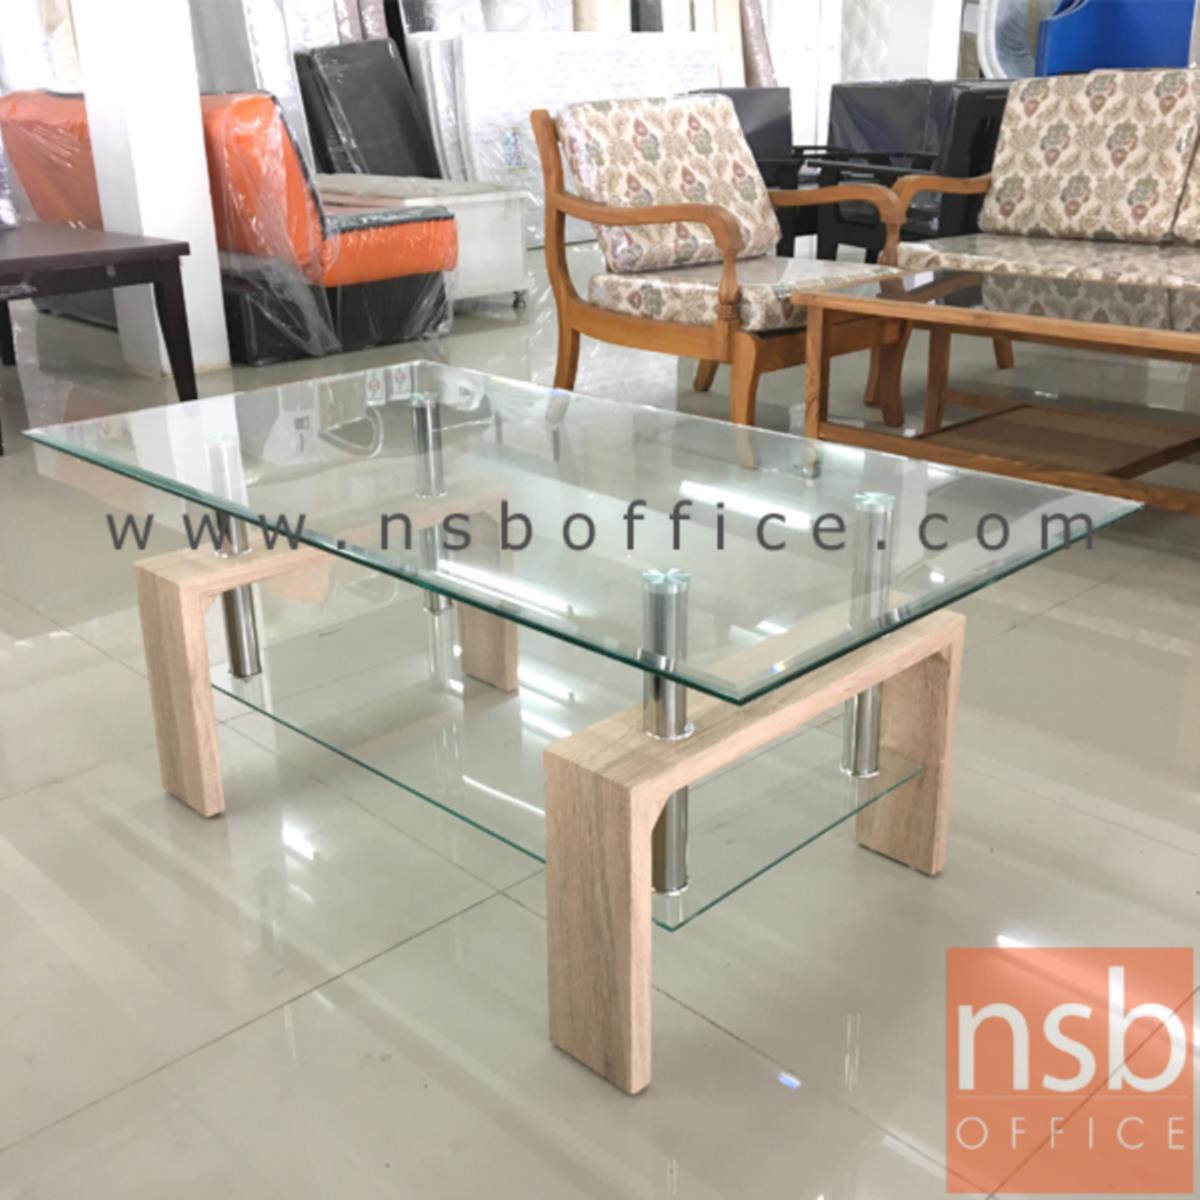 โต๊ะกลางกระจก รุ่น Hawthorne (ฮอว์ธอร์น) ขนาด 110W cm. โครงขาสีไวท์โอ๊ค